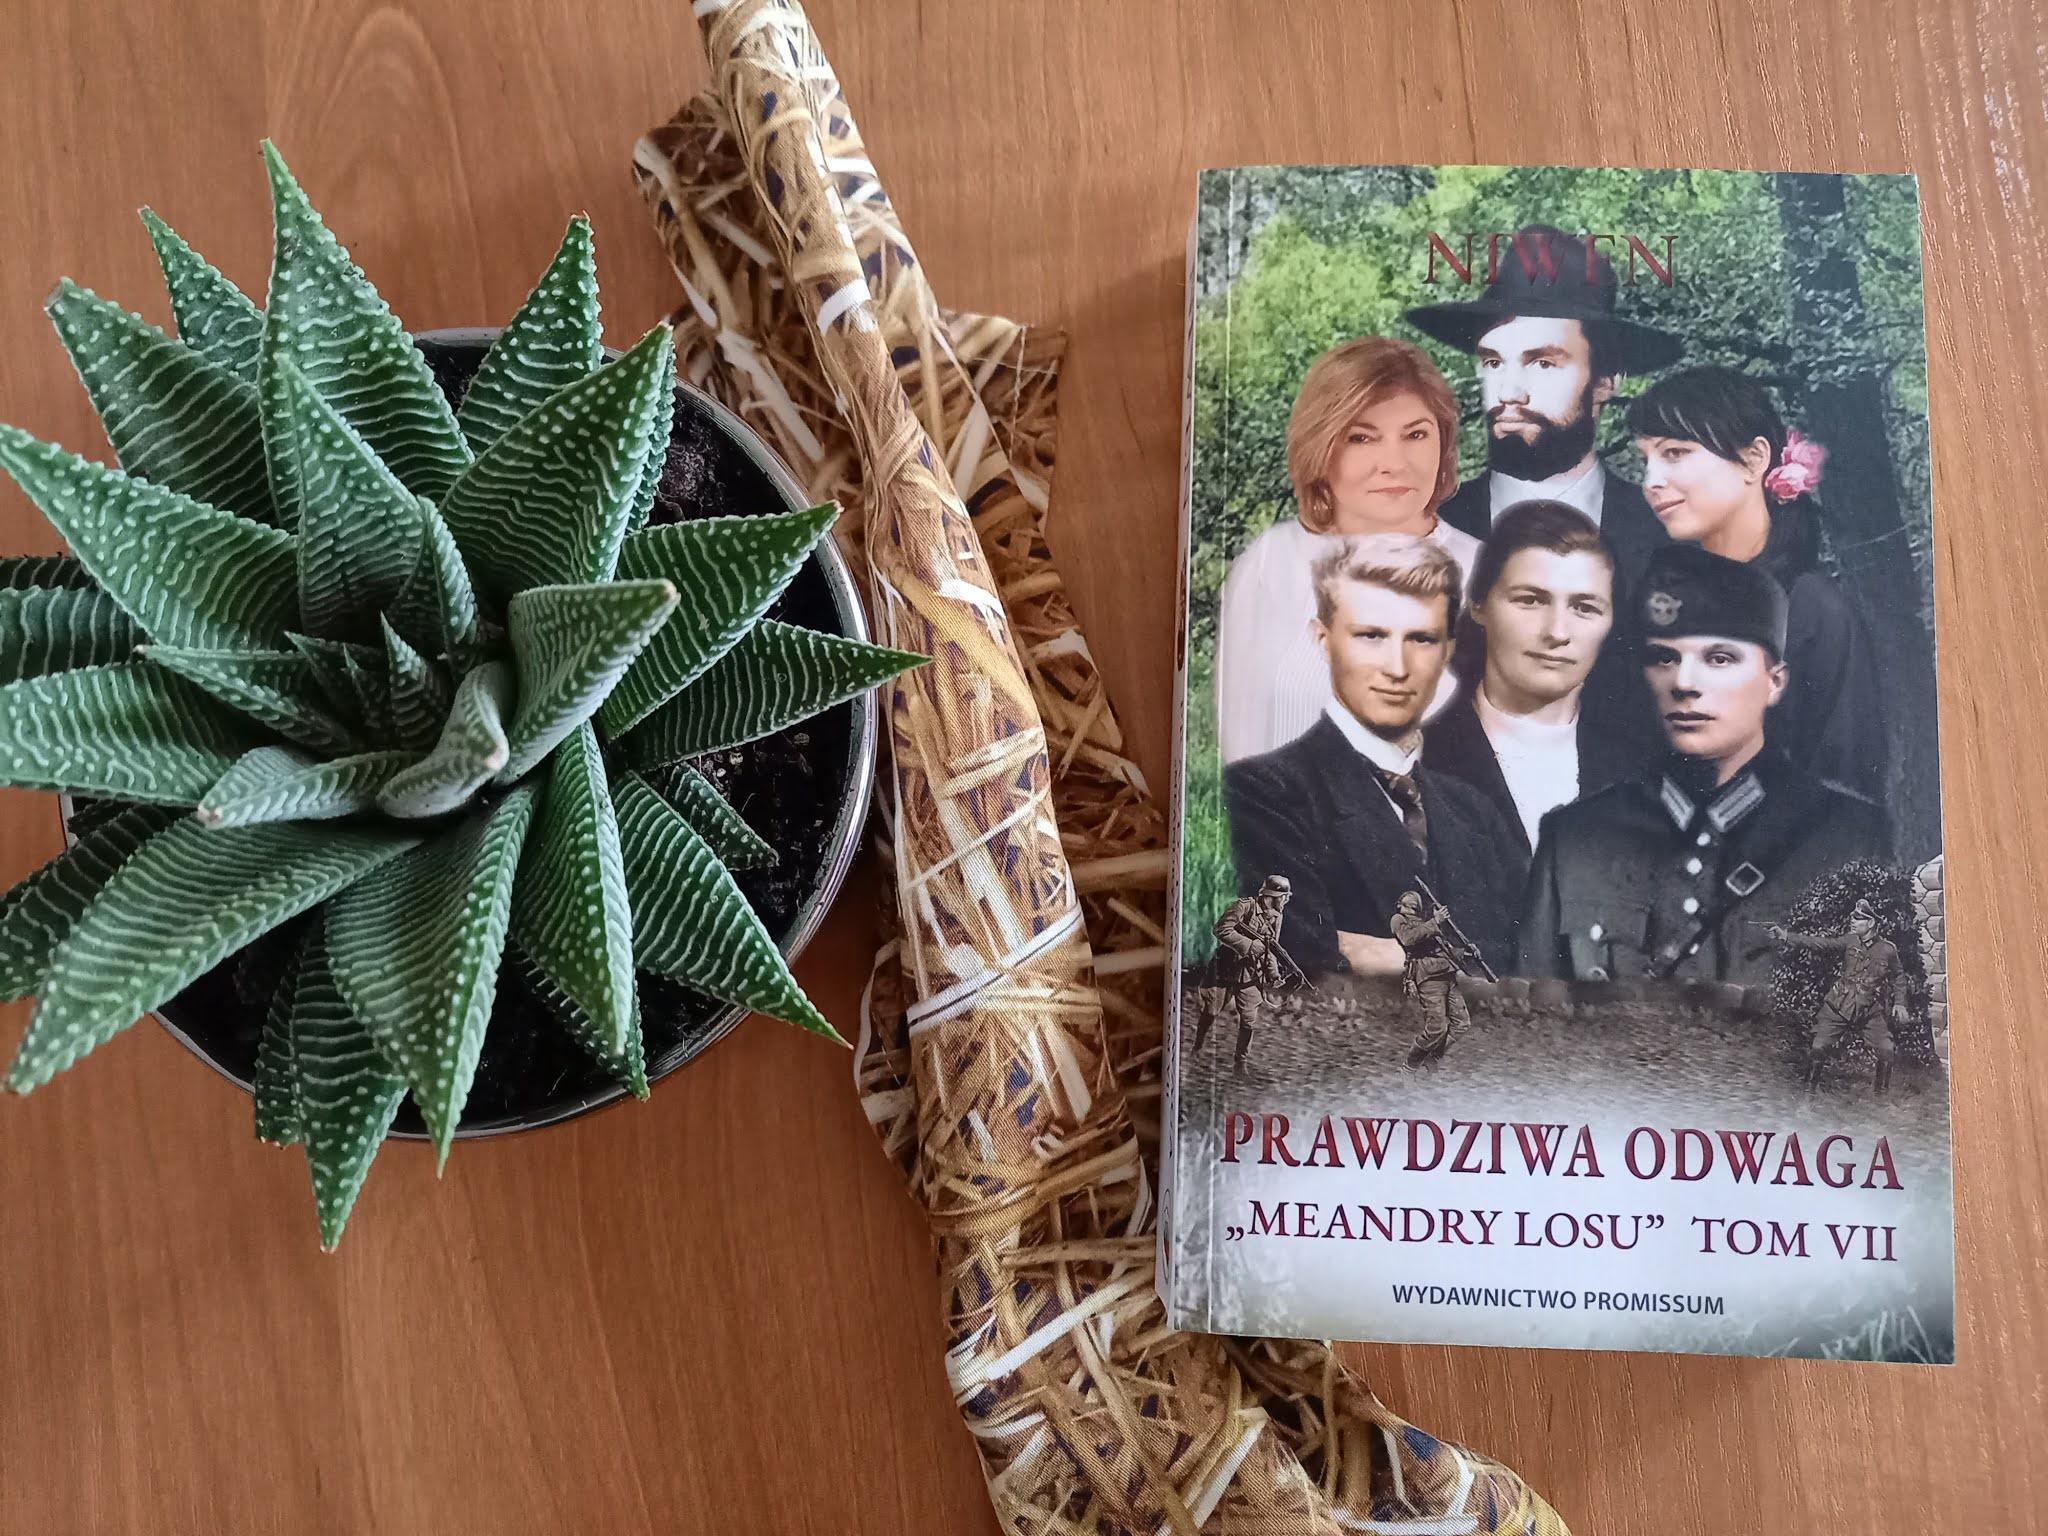 """Wojna skłania do różnych czynów, czyli recenzja powieści """"Prawdziwa odwaga"""" autorstwa NIWENA"""